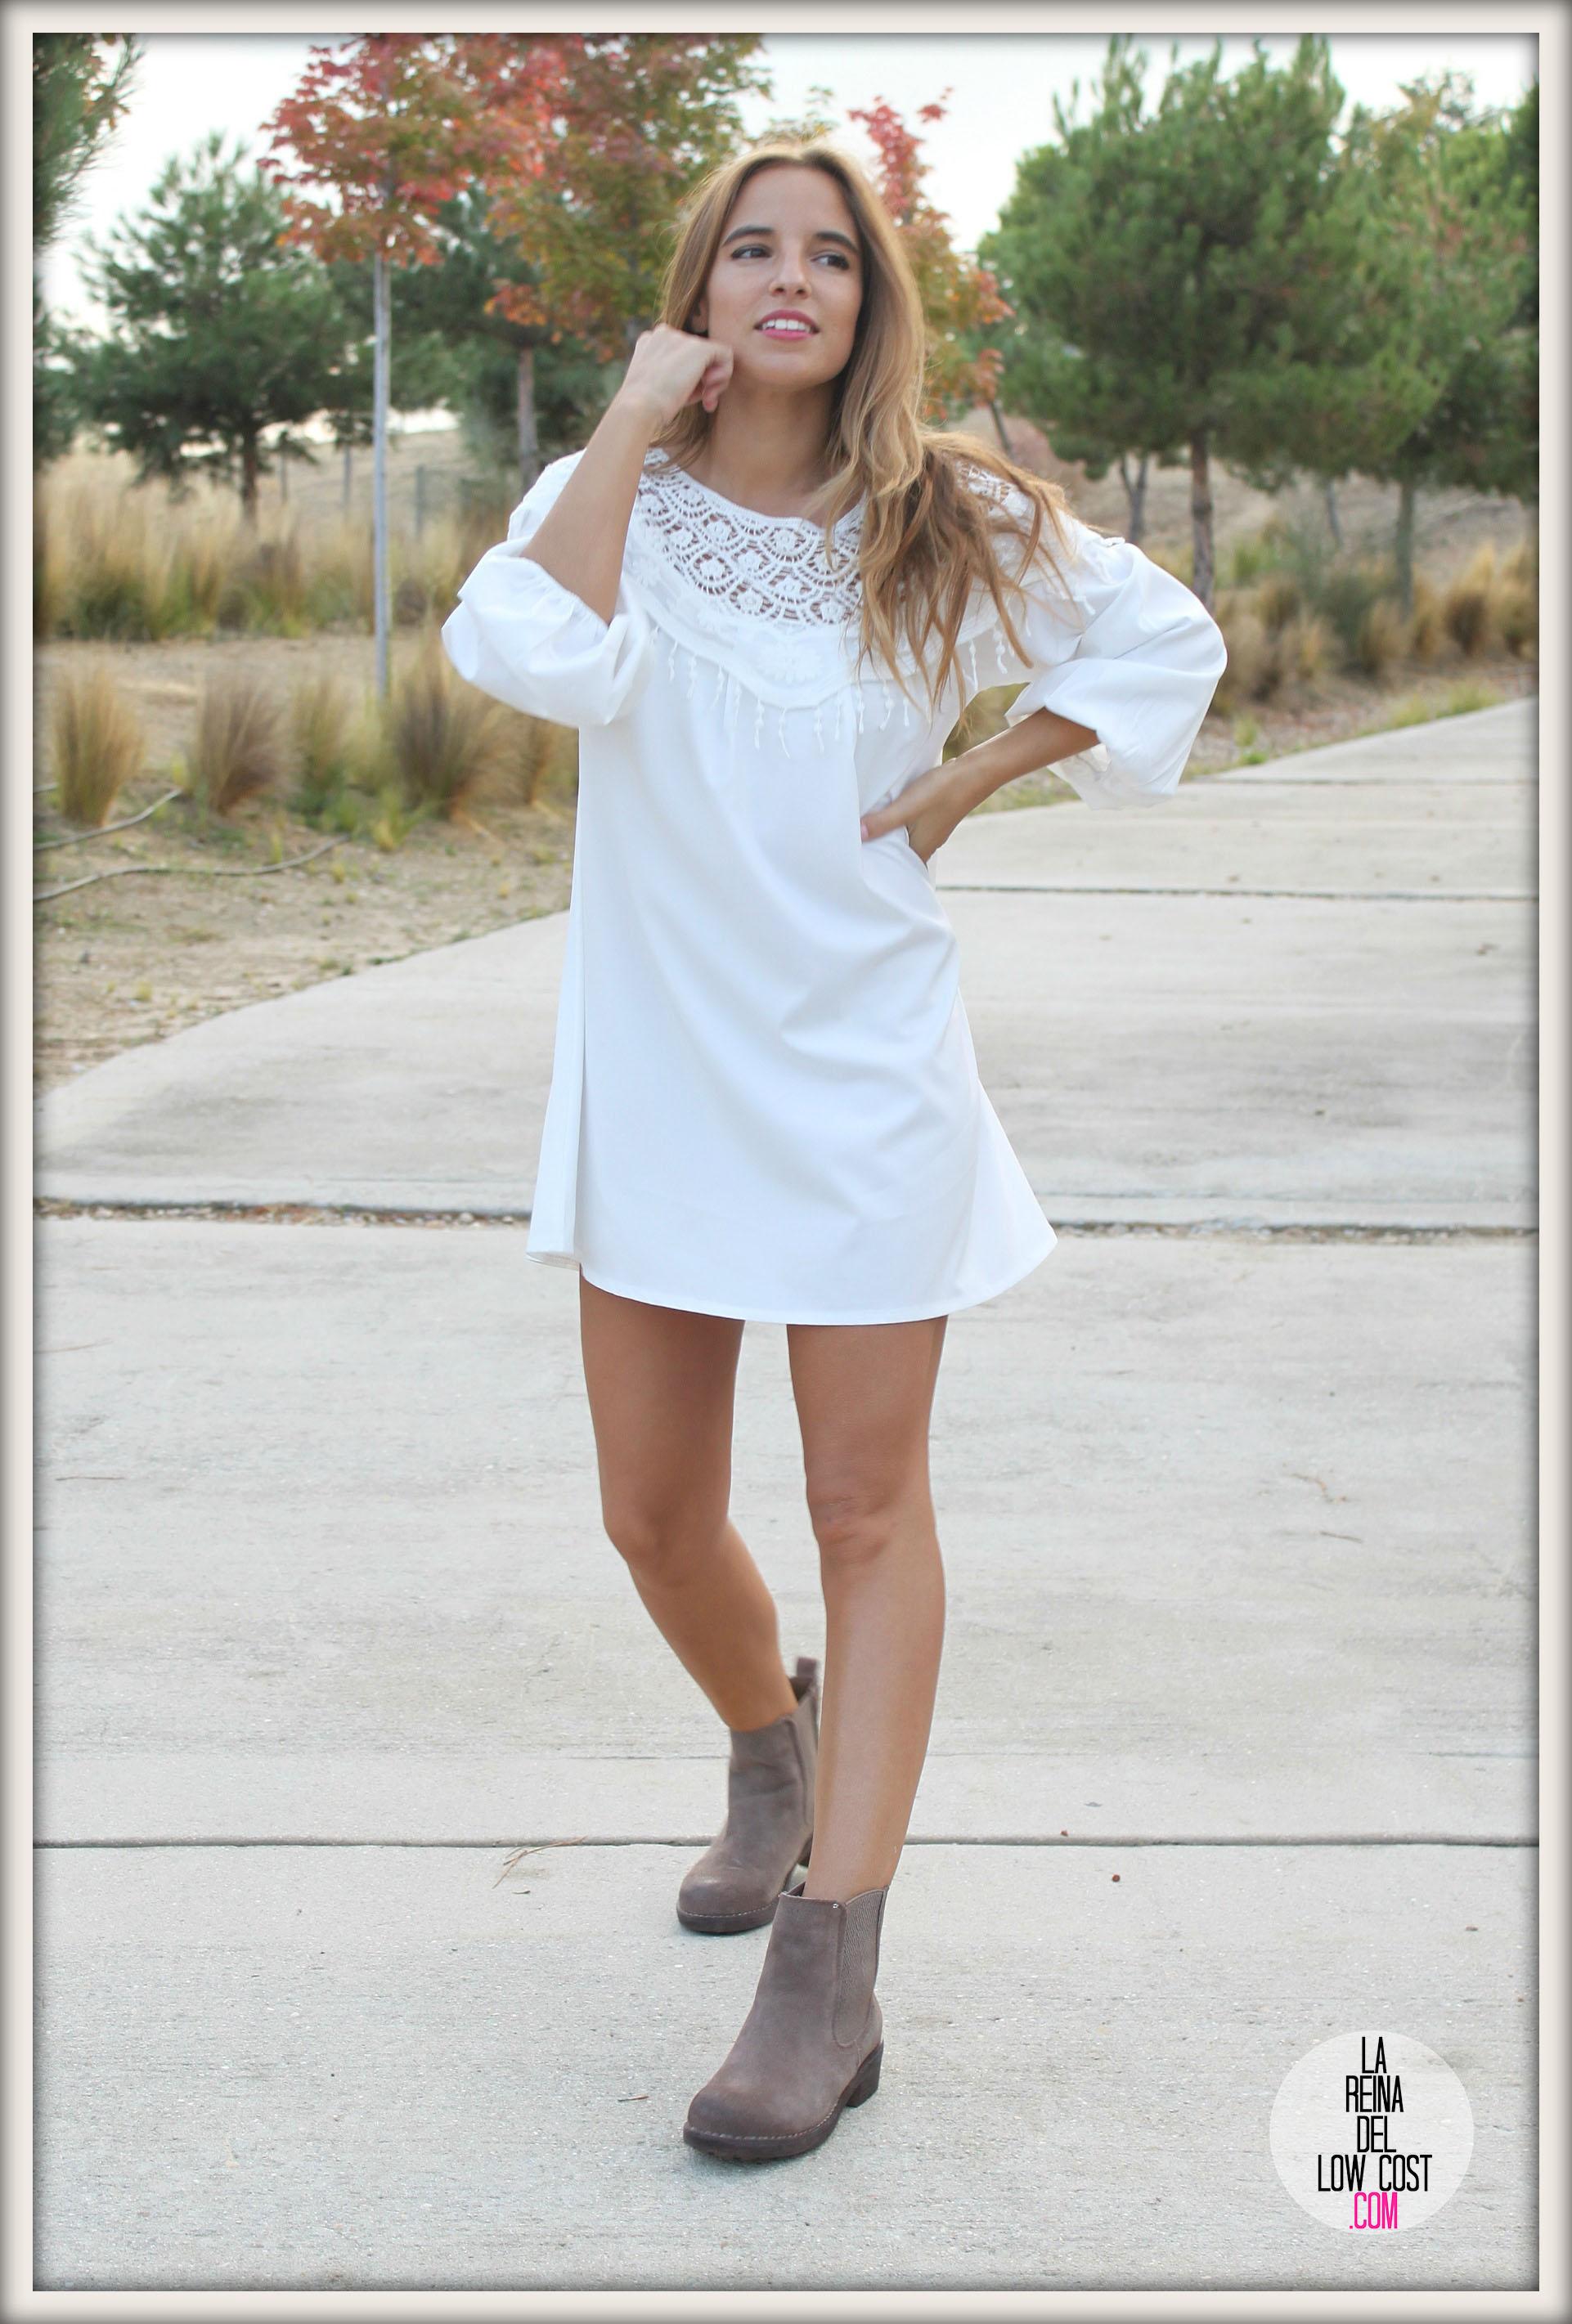 Vestido y botines look de otou00f1o 2014 u2013 La Reina del Low Cost